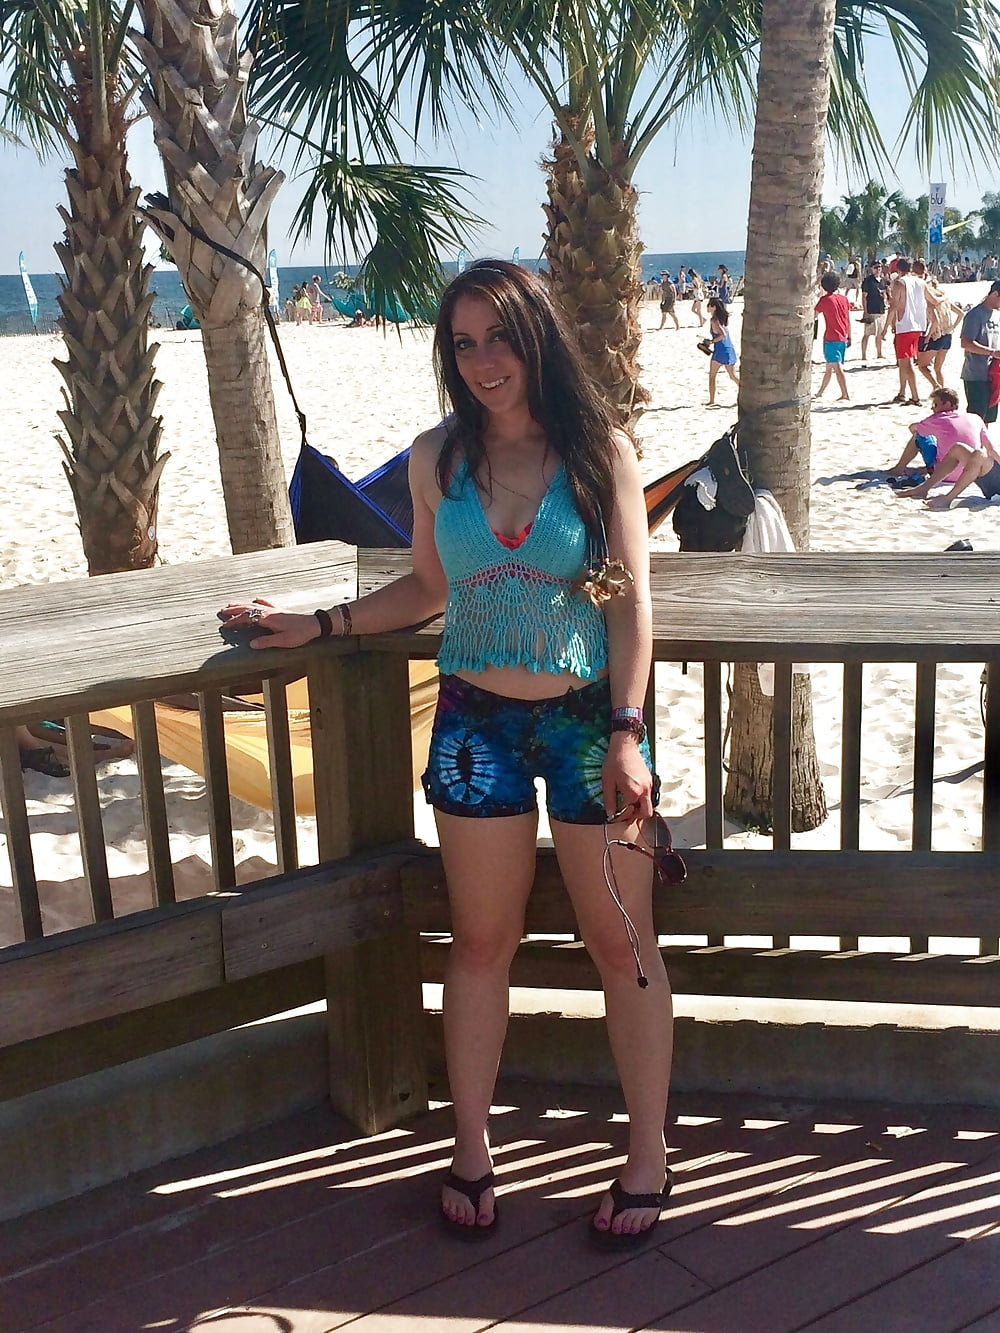 Naughty beach babes